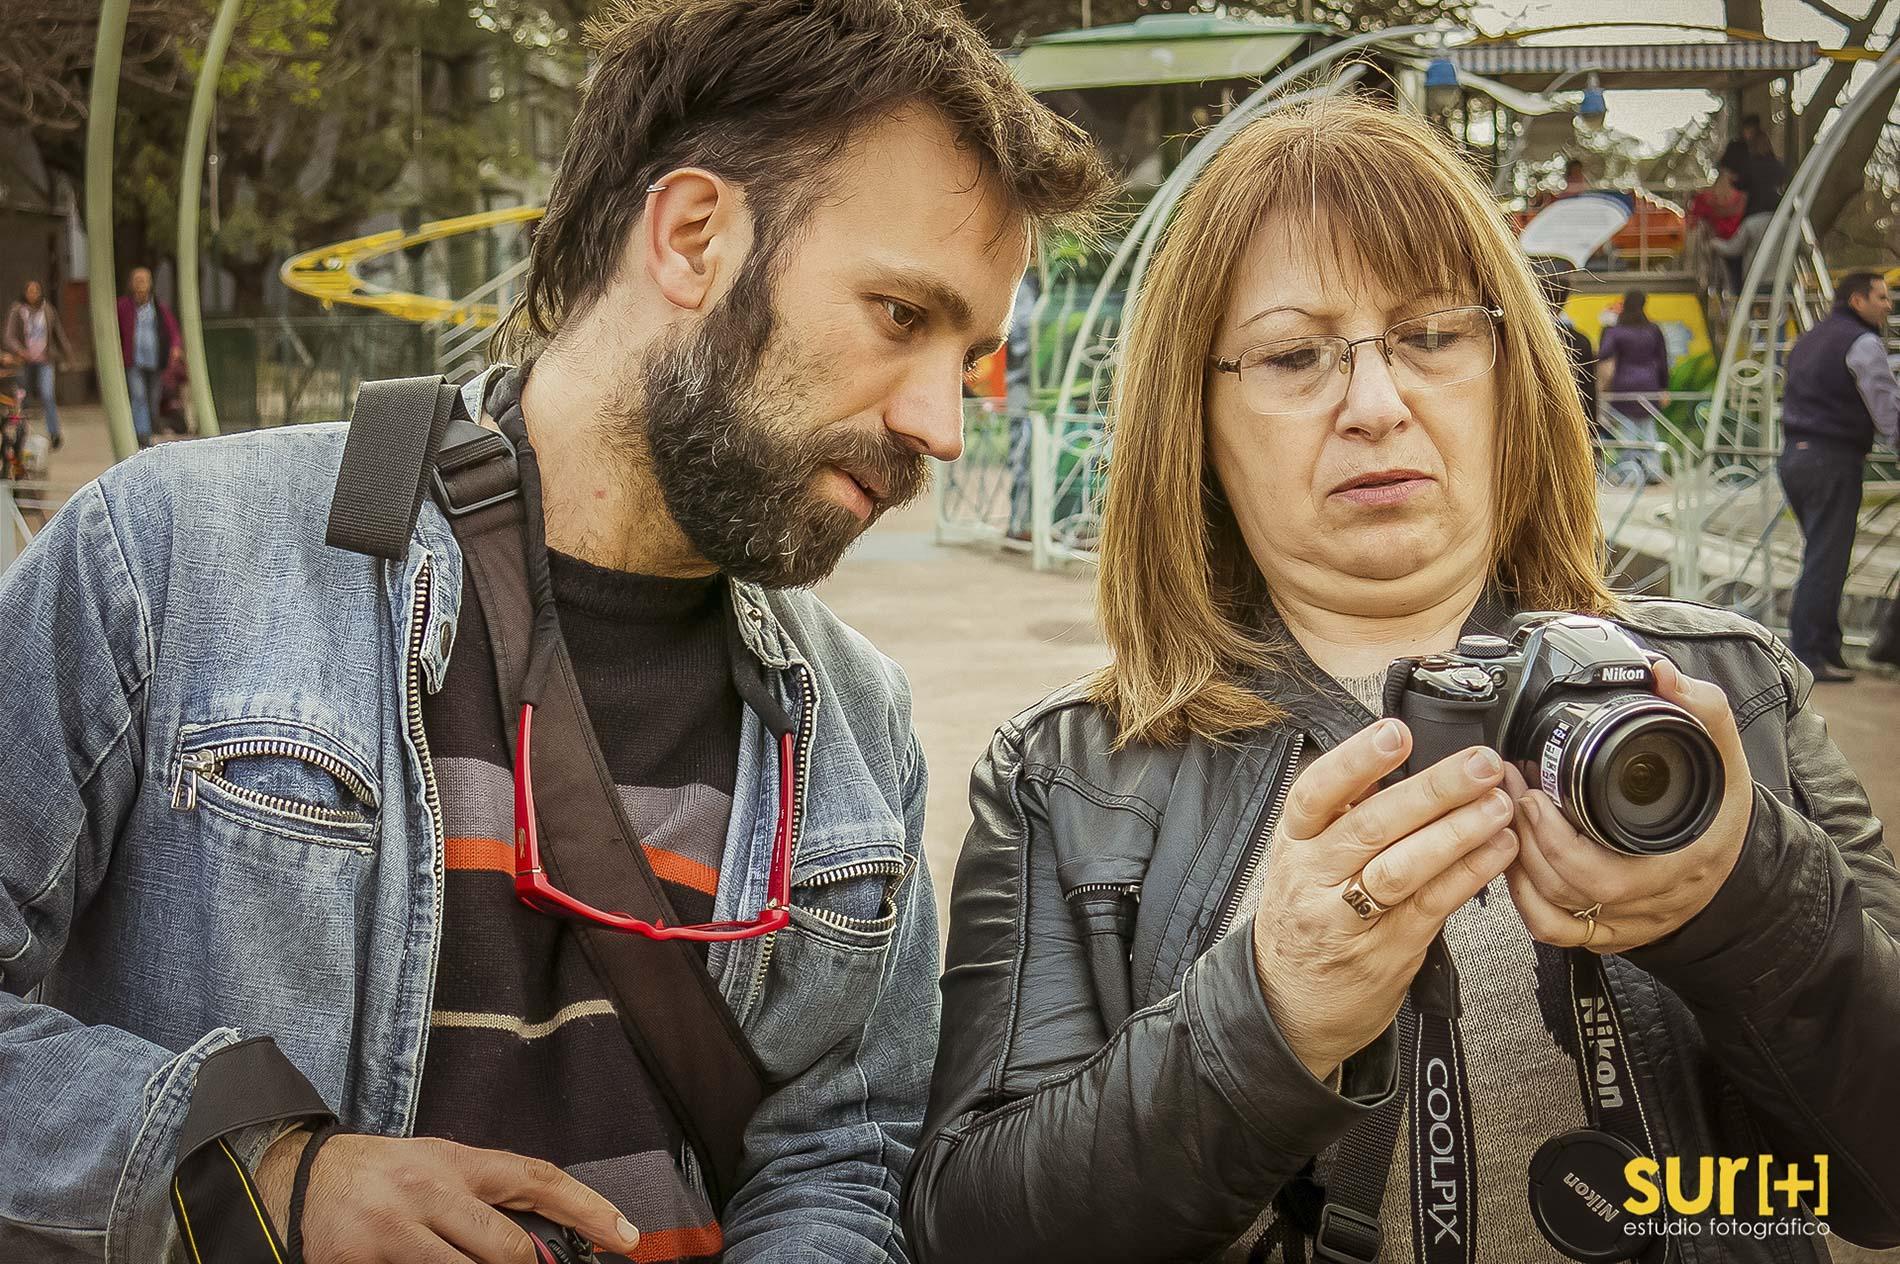 Taller de fotografía Vol.I - Preparen, apunten ...click!